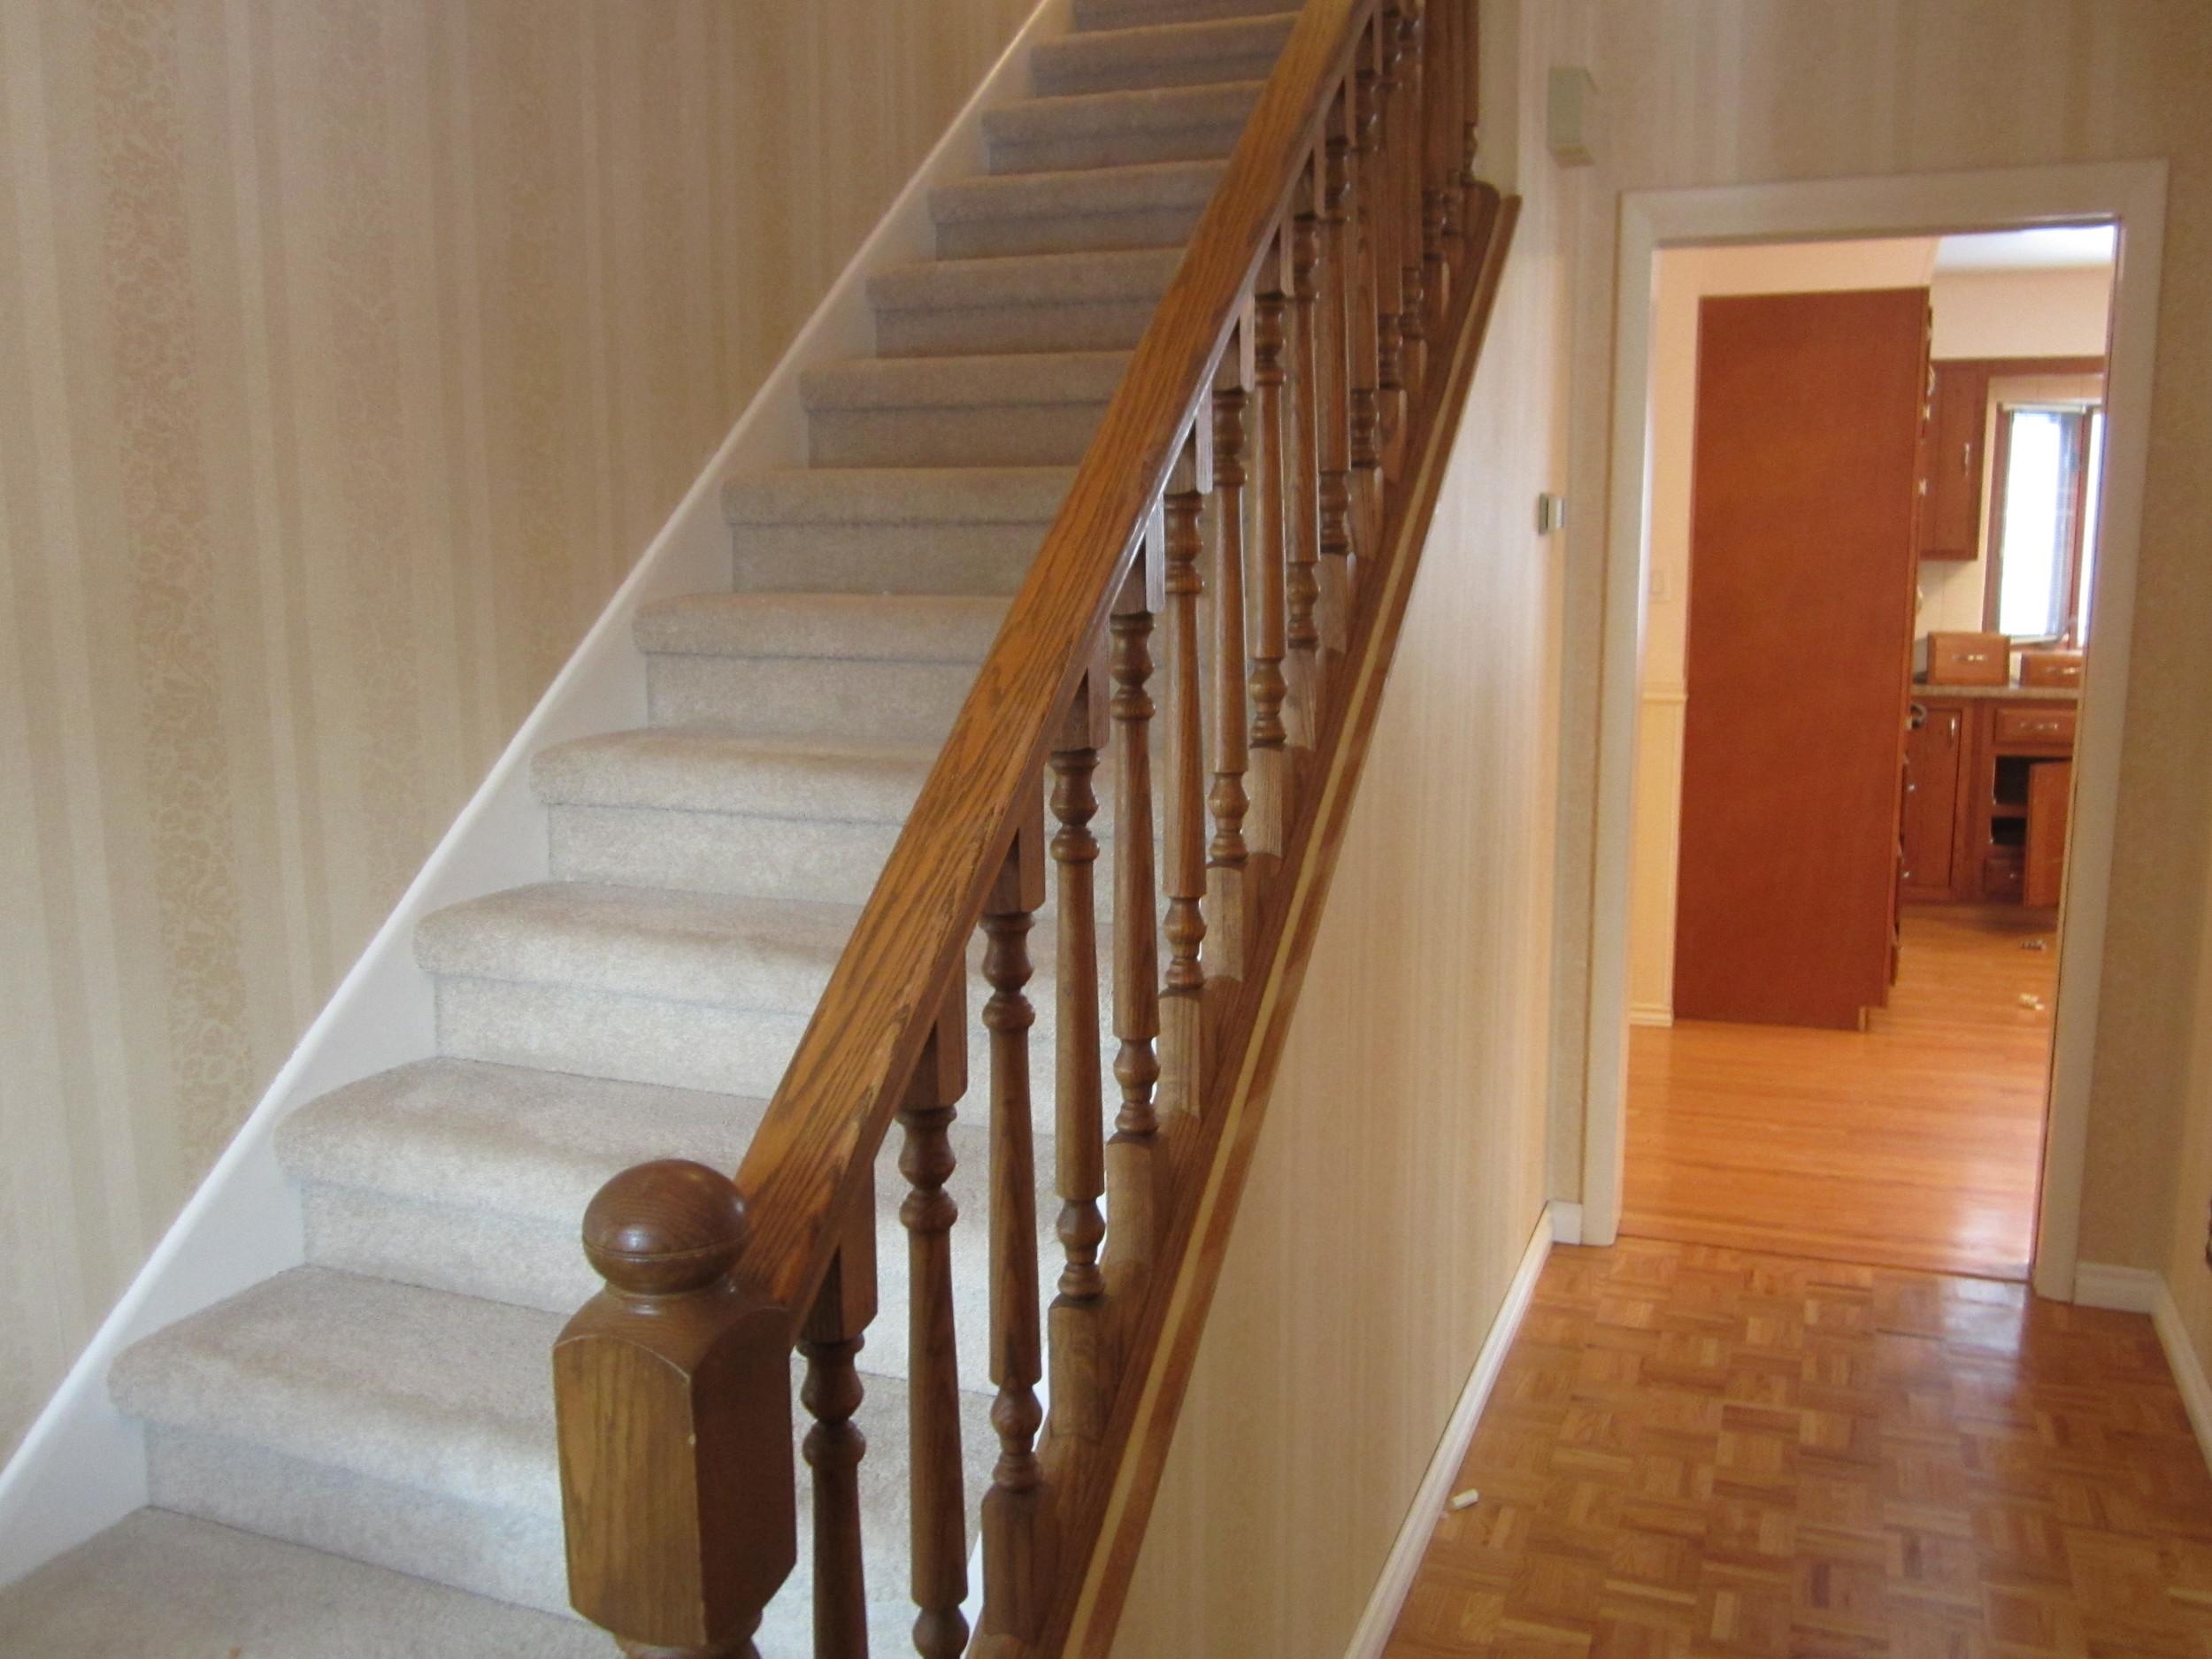 Stair Rail BEFORE